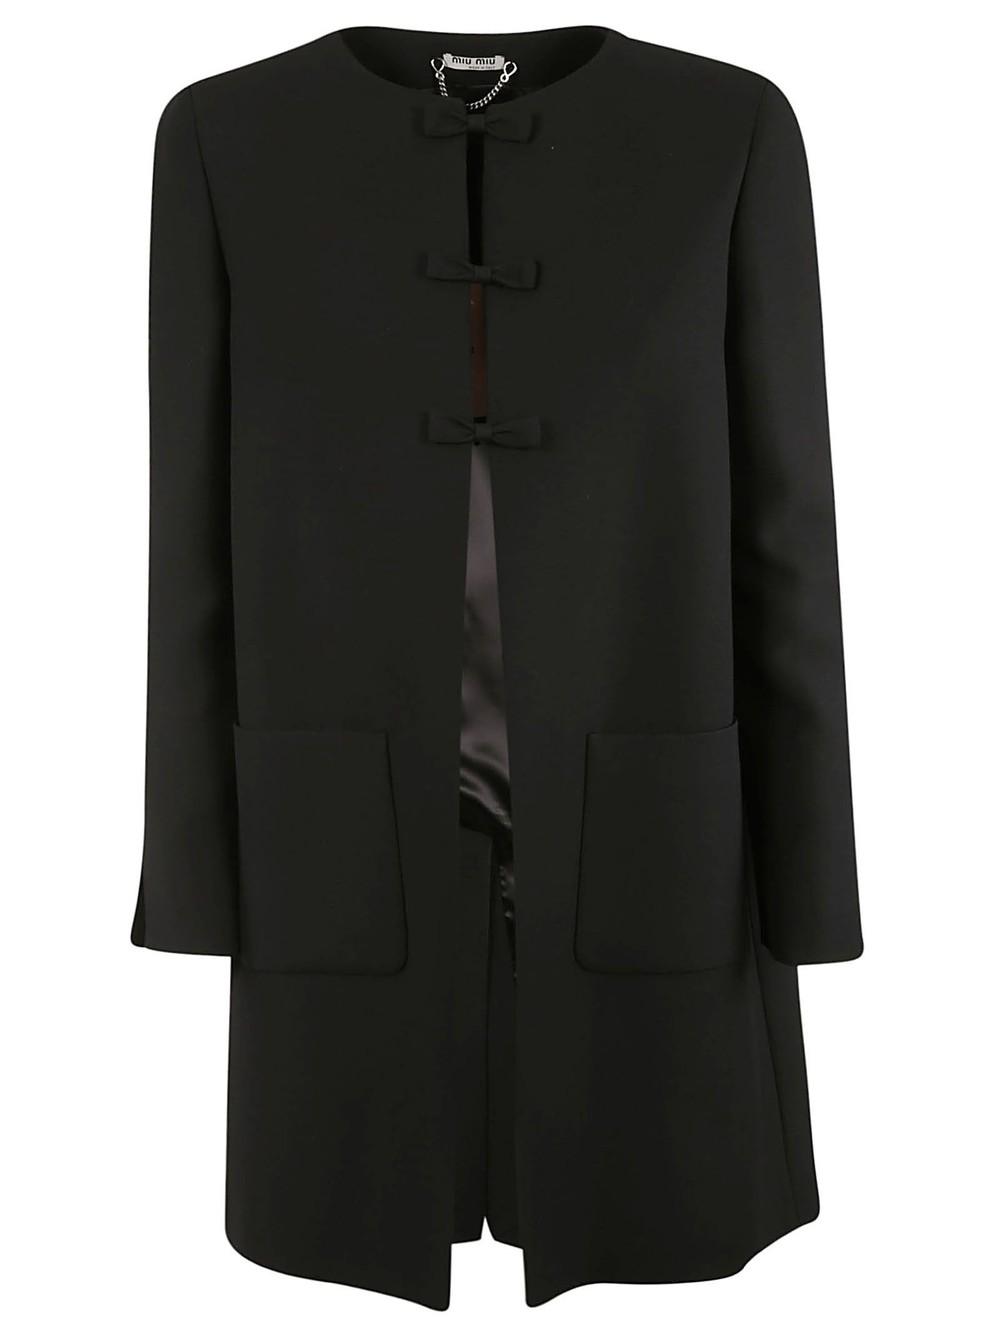 Miu Miu Bow Detailed Coat in black